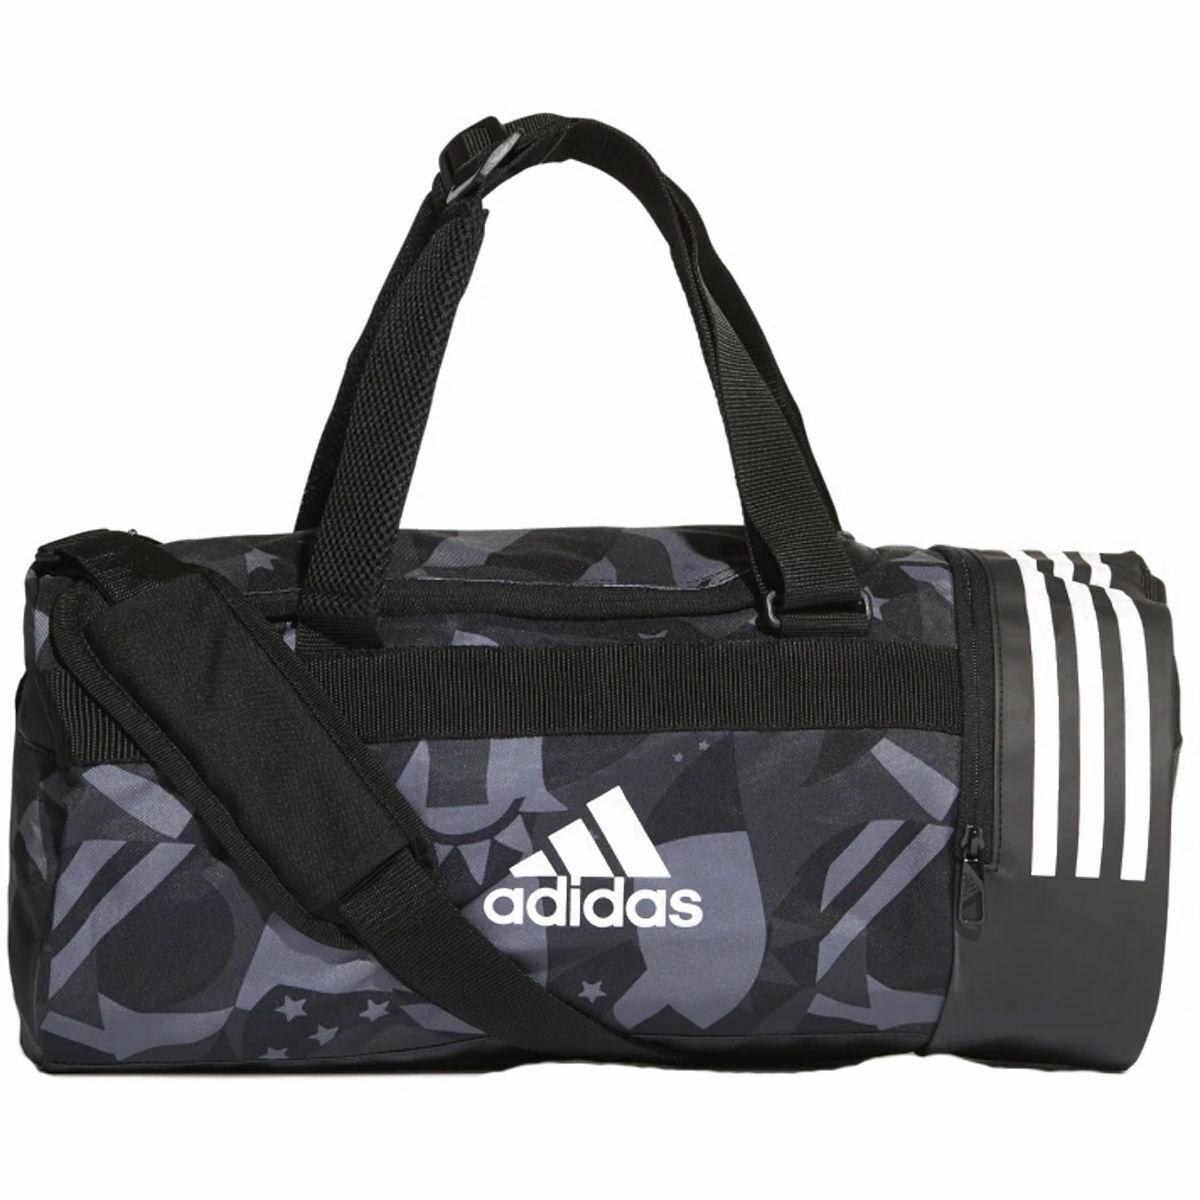 Bild 1 von adidas Trainingstasche Convertible 3-Streifen Graphic Duffelbag S